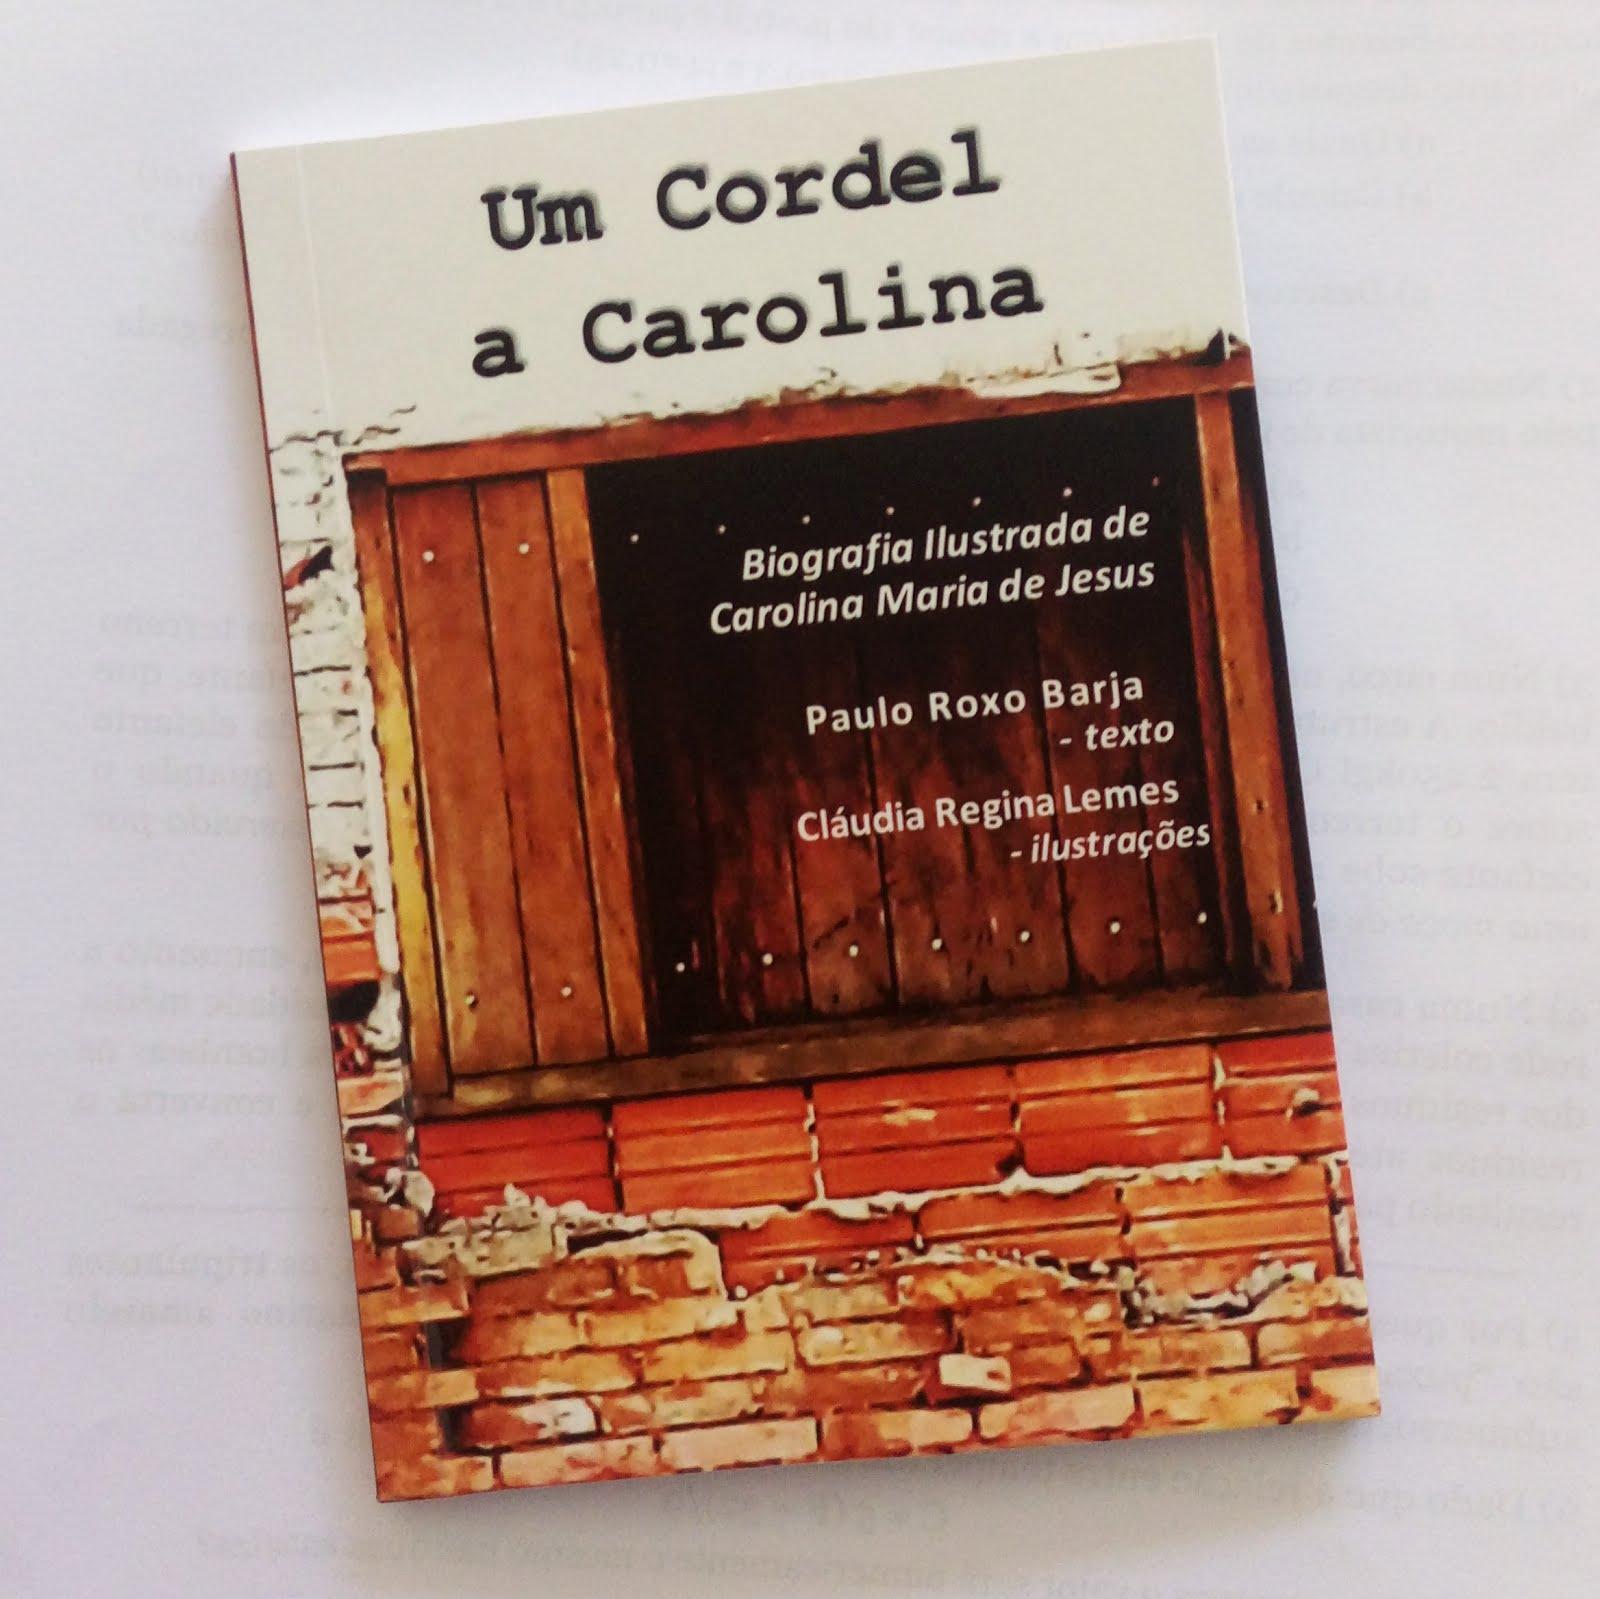 Um Cordel a Carolina